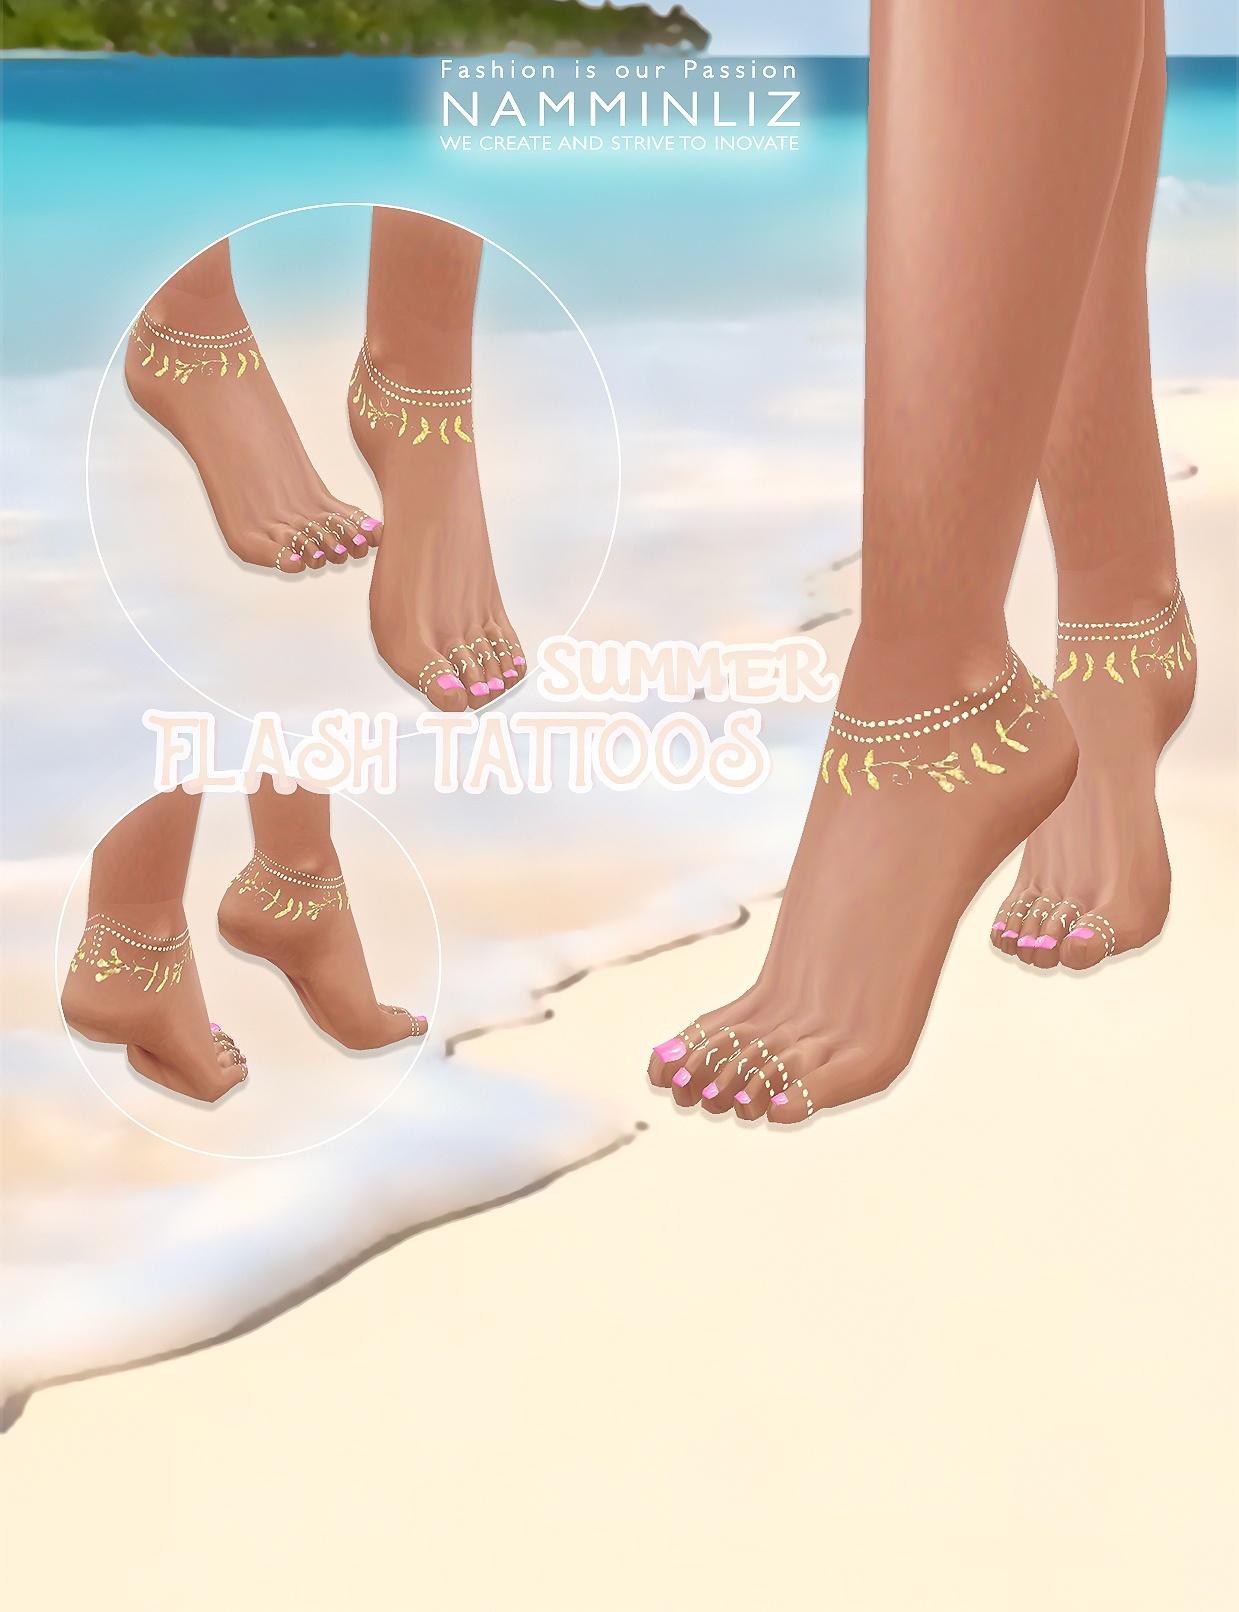 Summer Flash Tattoos imvu Textures 4*.PNG  4 *.CHKN